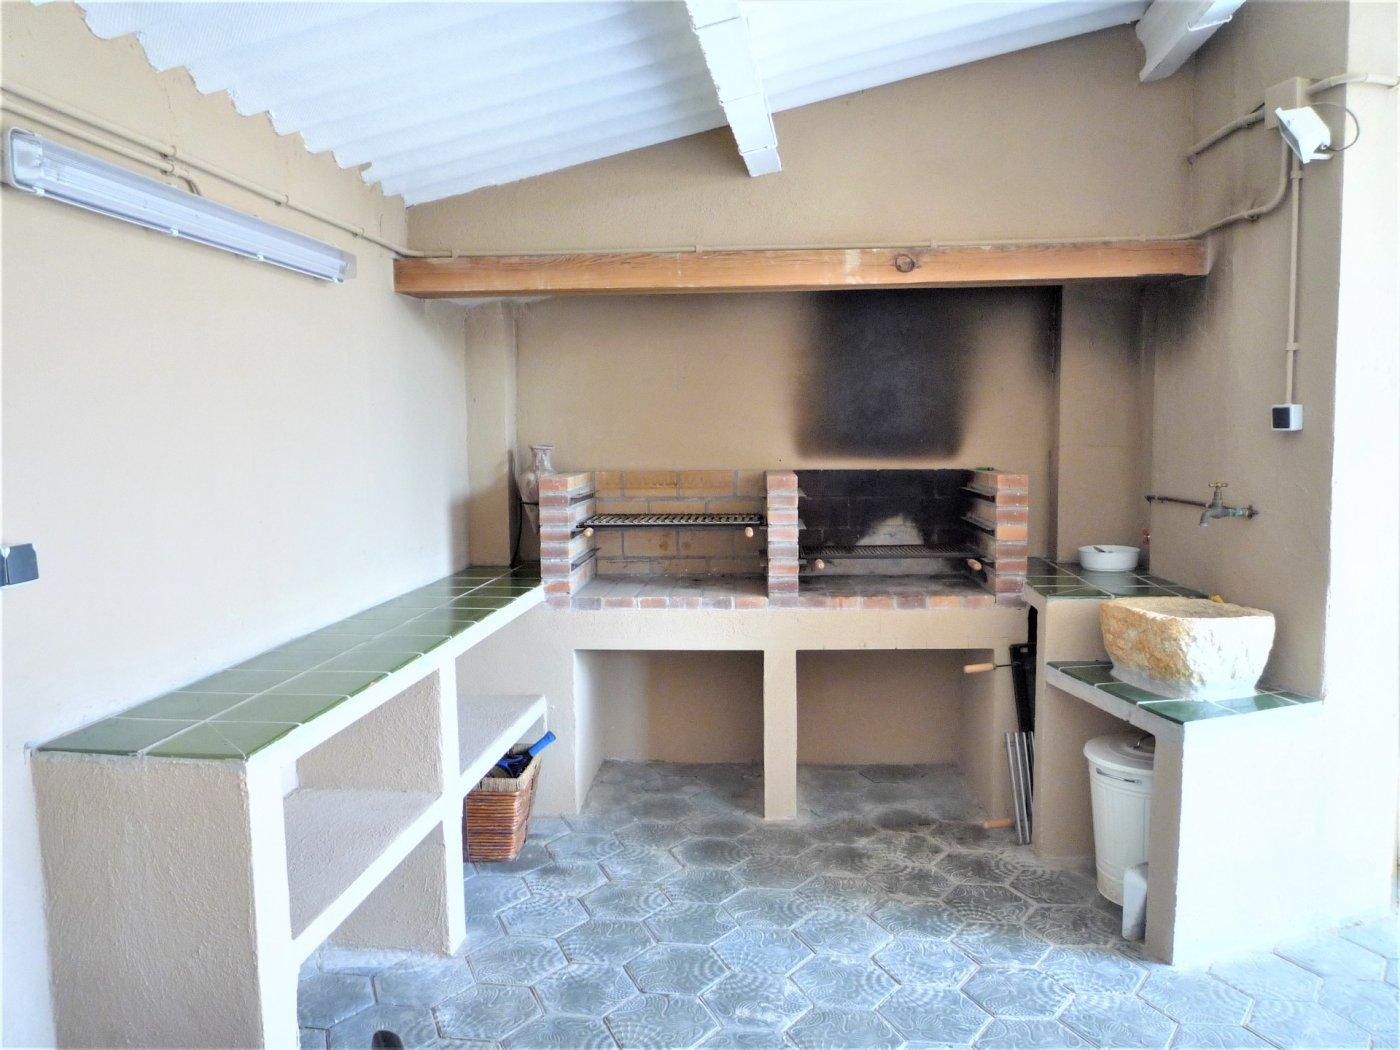 Casa en venta en montblanc - imagenInmueble10